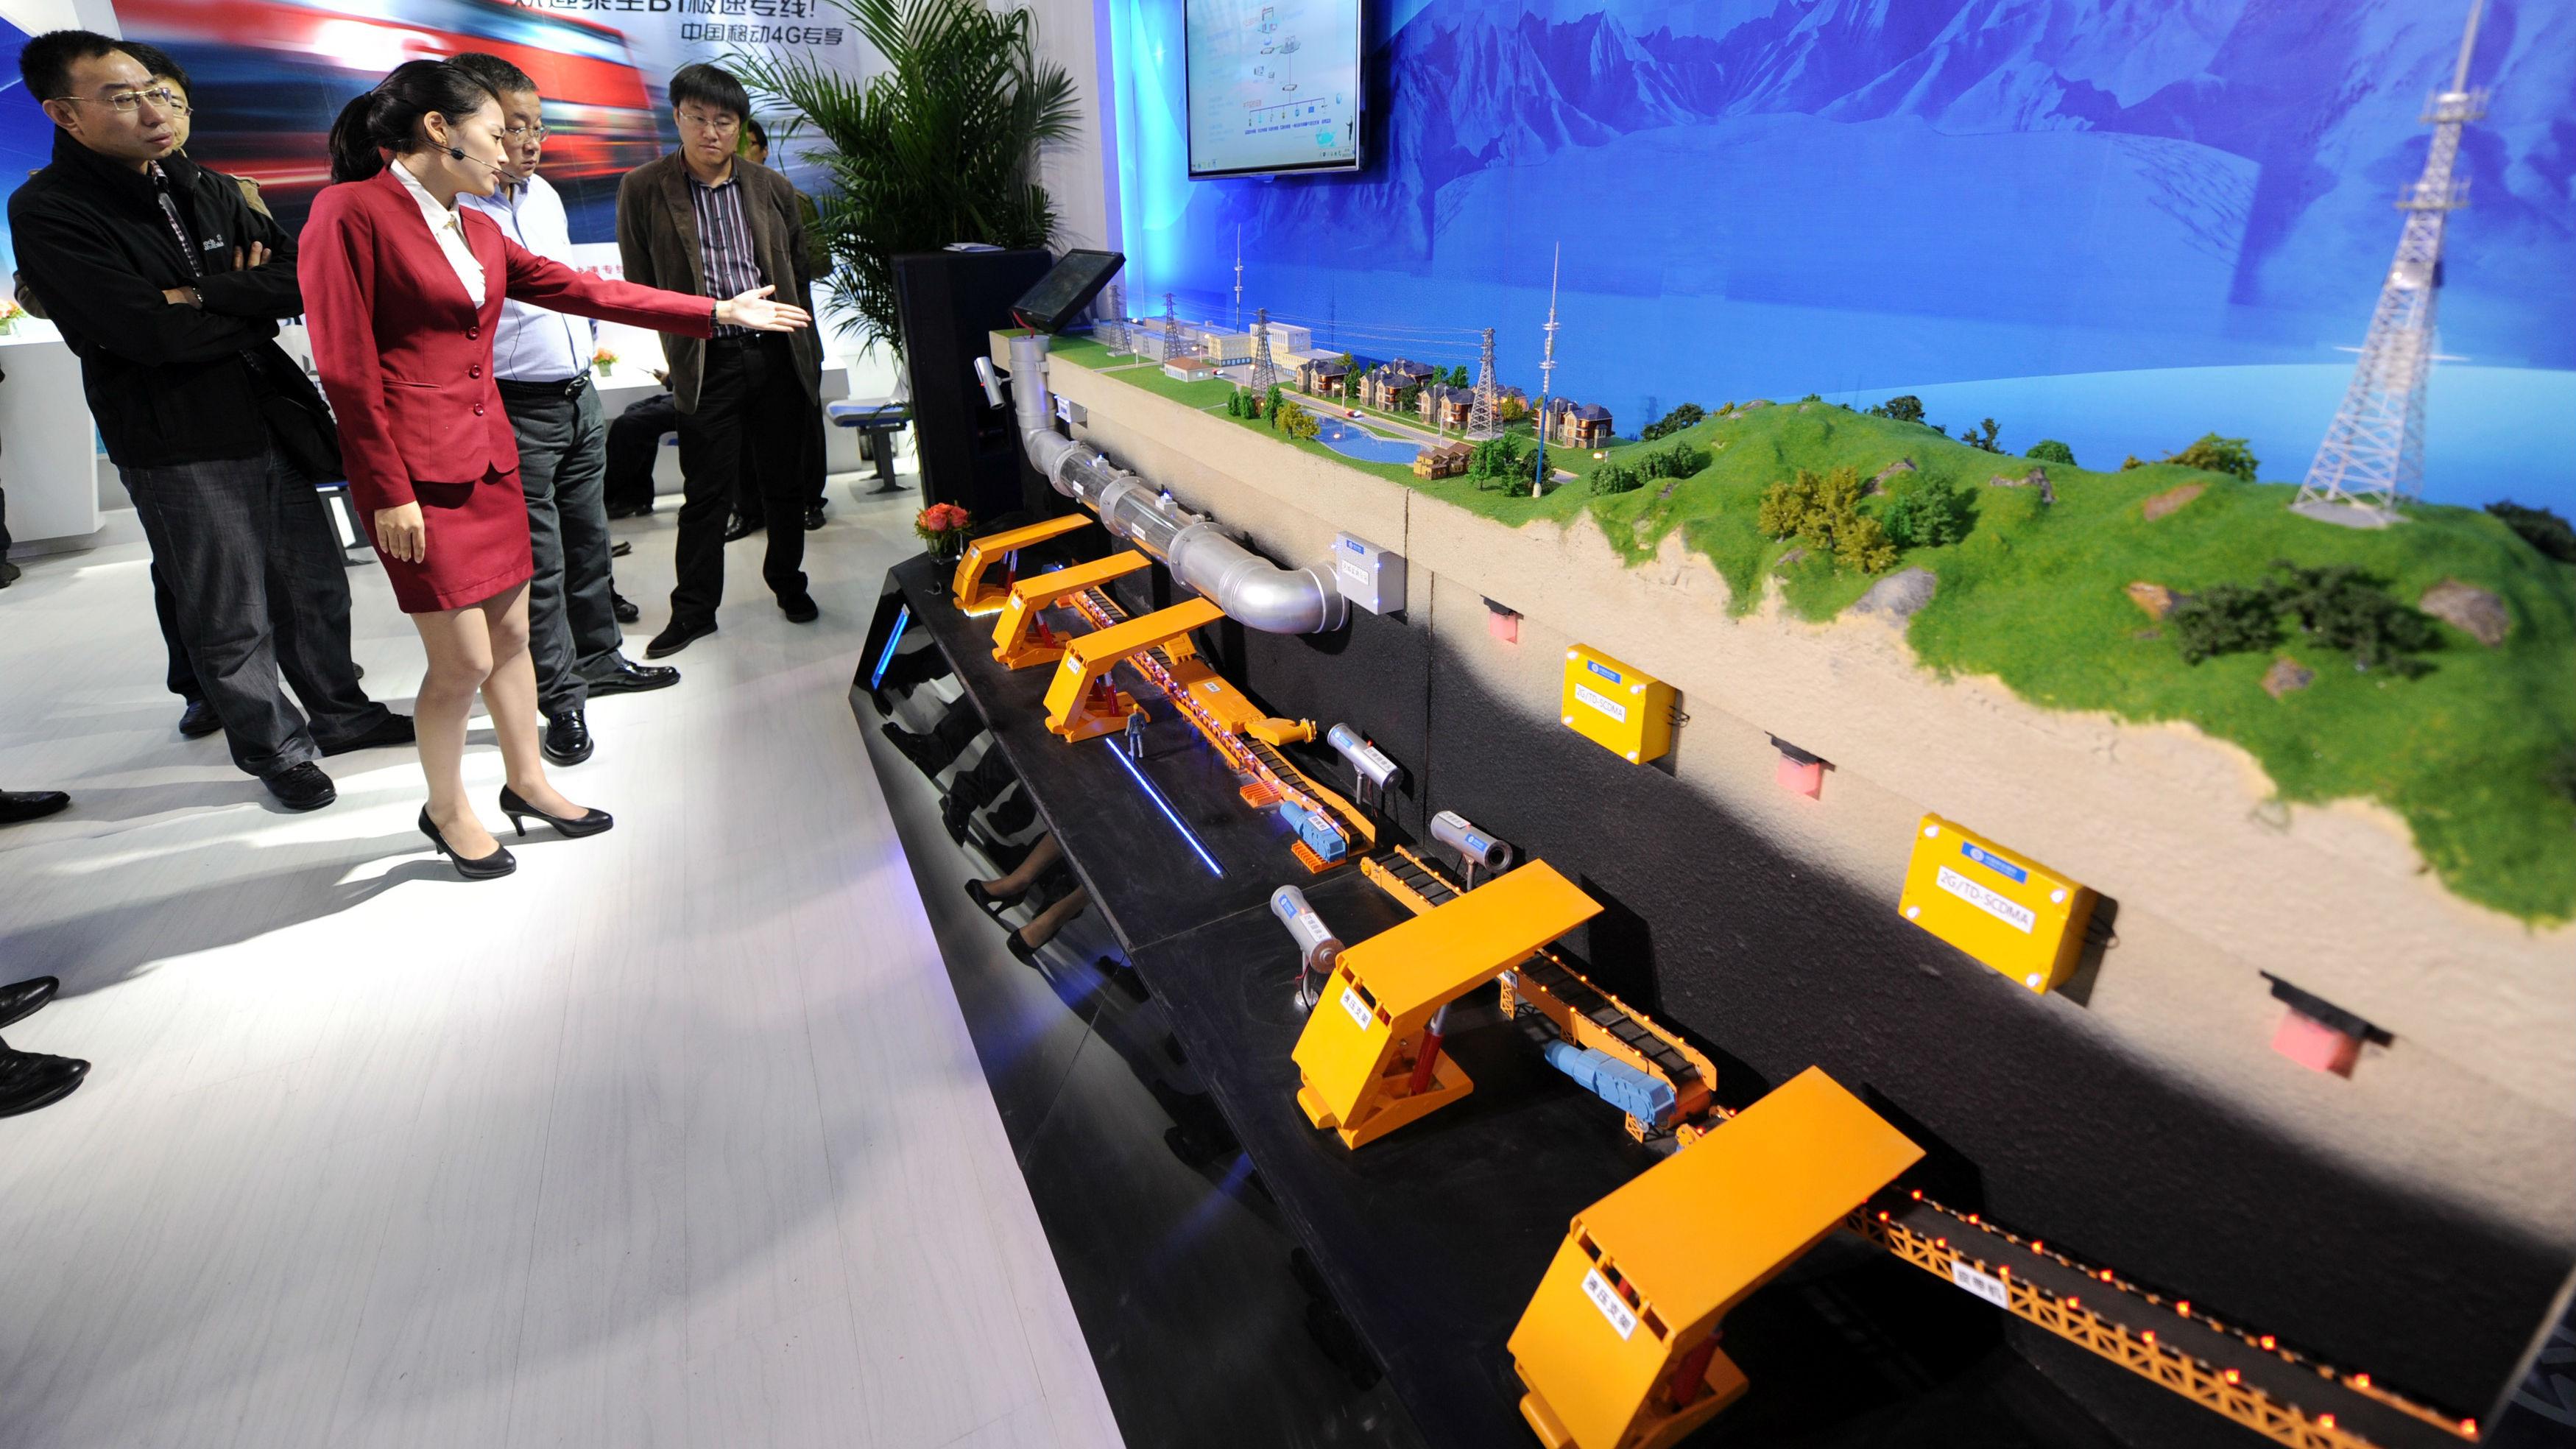 日媒:中国领先智慧城市竞争 日本已被甩在后面